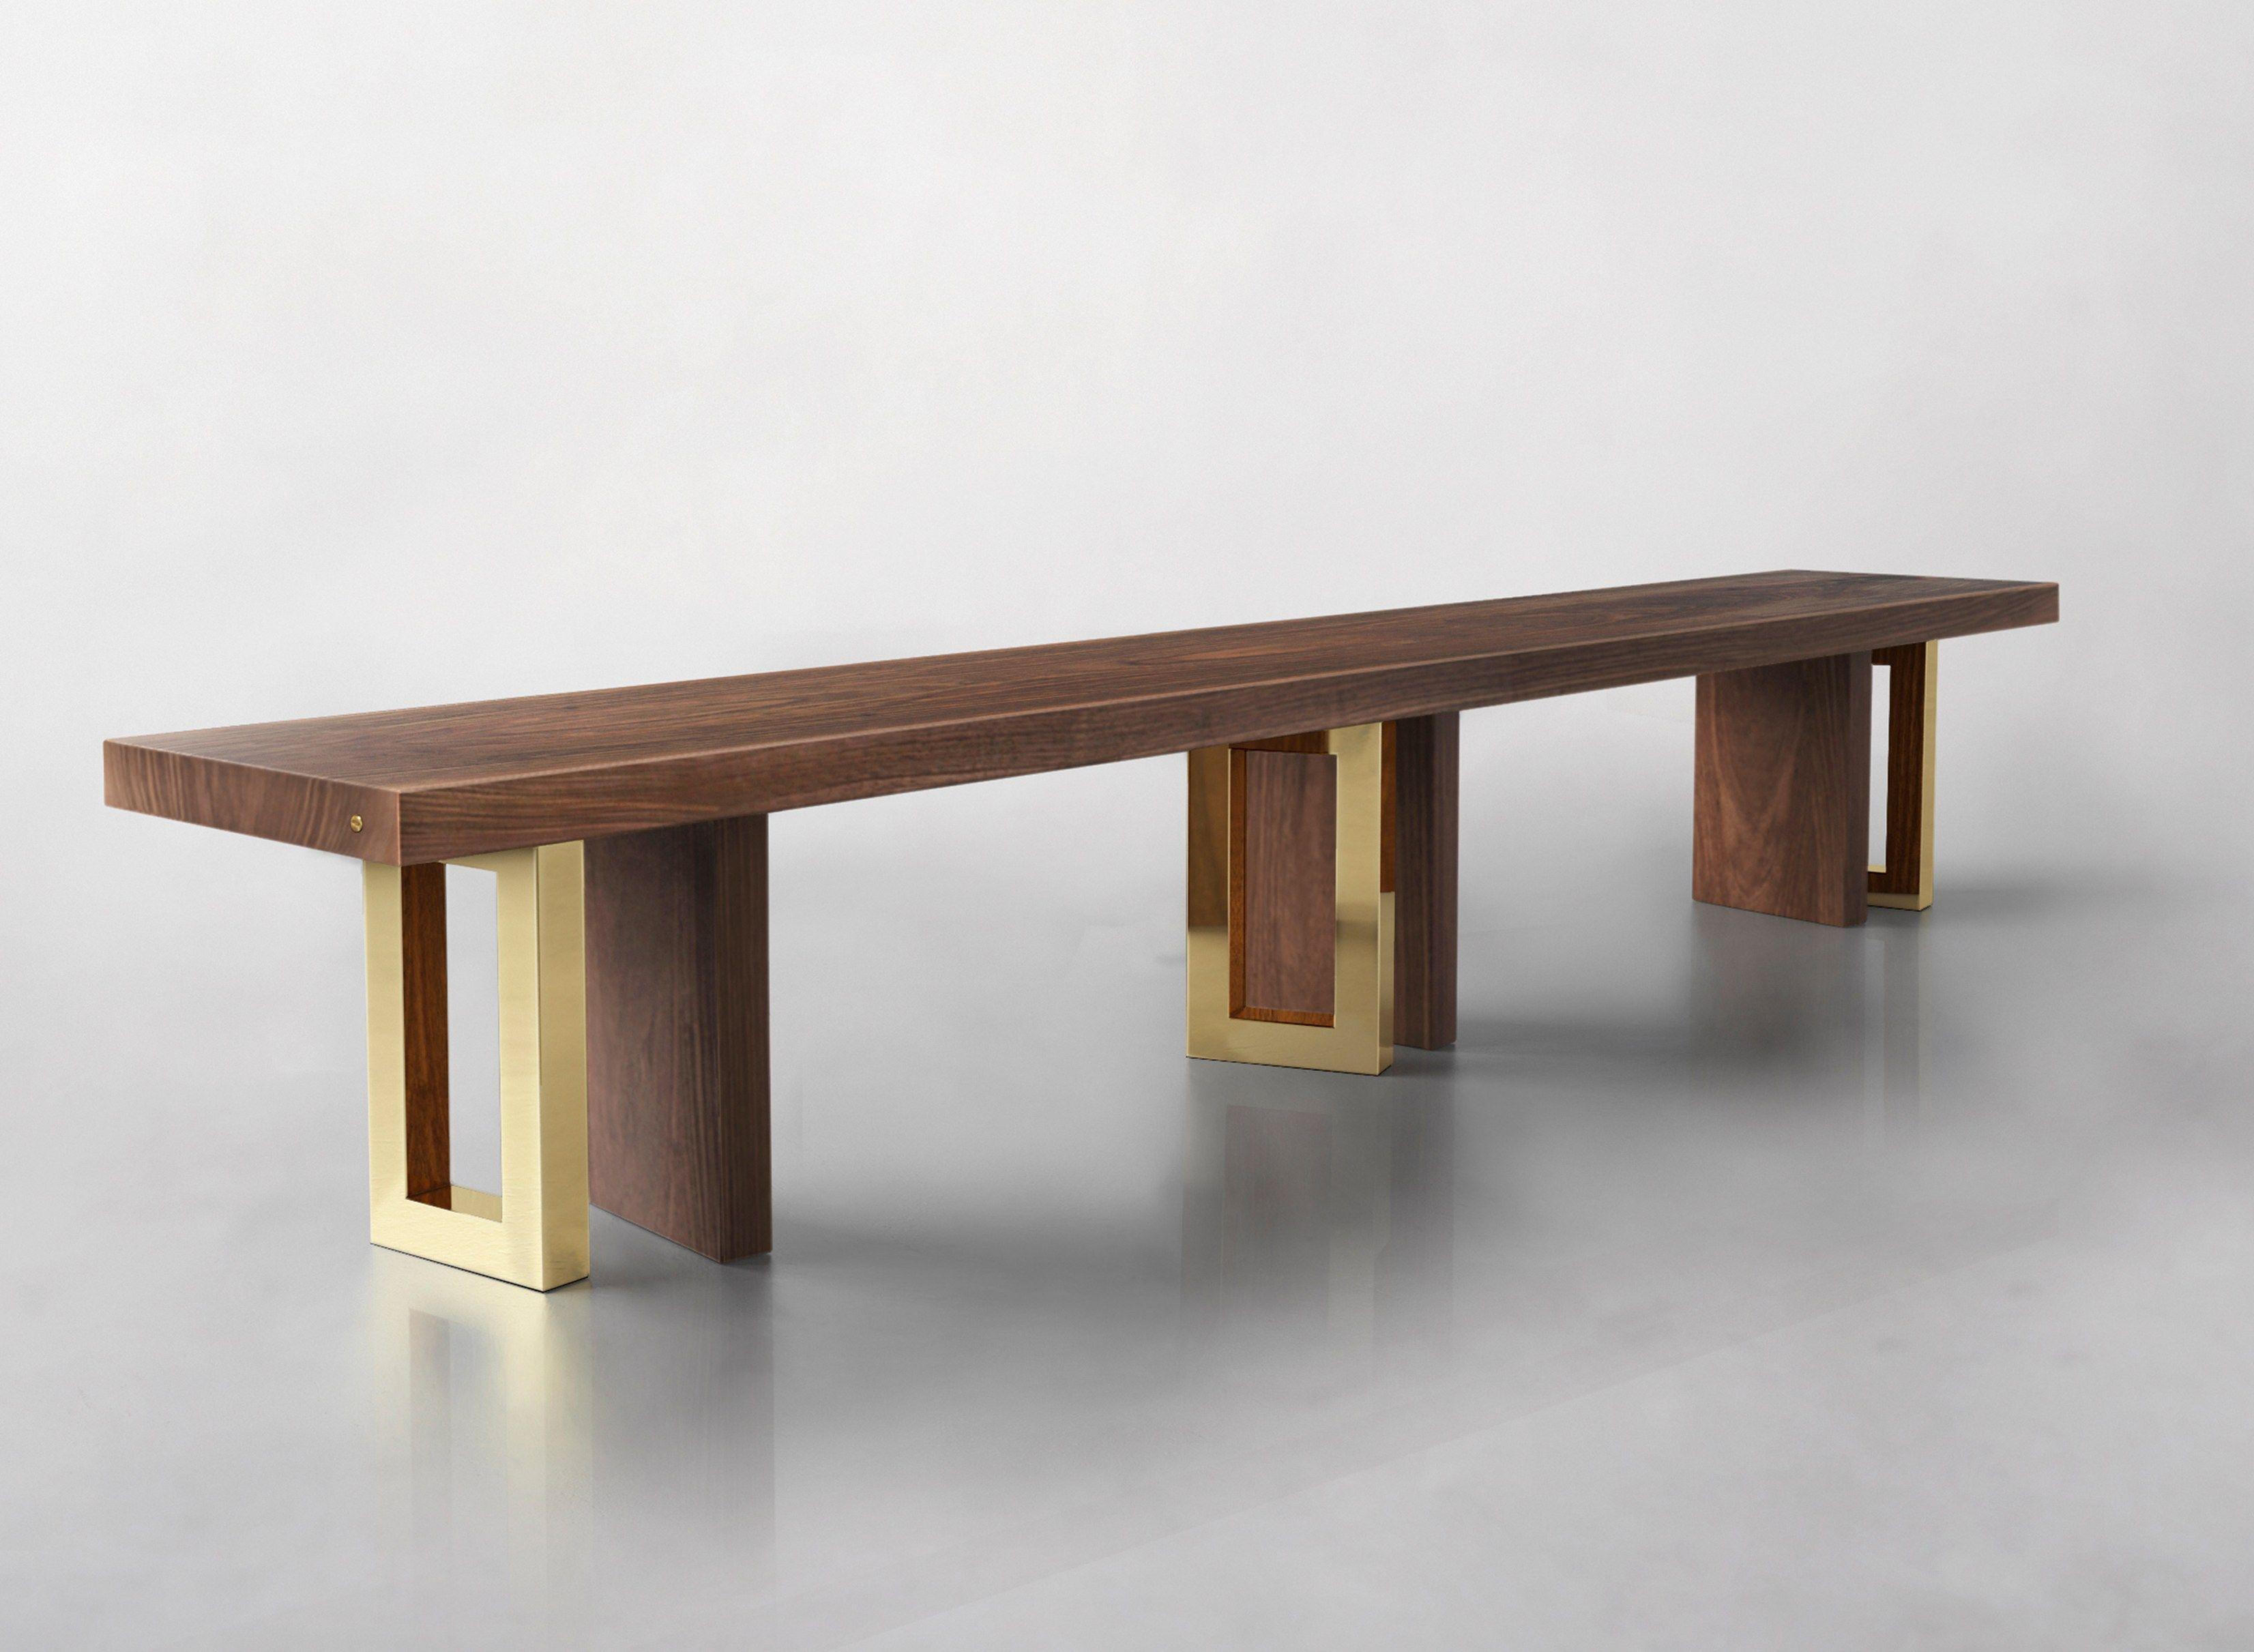 Solid Wood Bench Il Pezzo 6 Il Pezzo 6 Collection By Il Pezzo Mancante Design Ll Pezzo Mancante